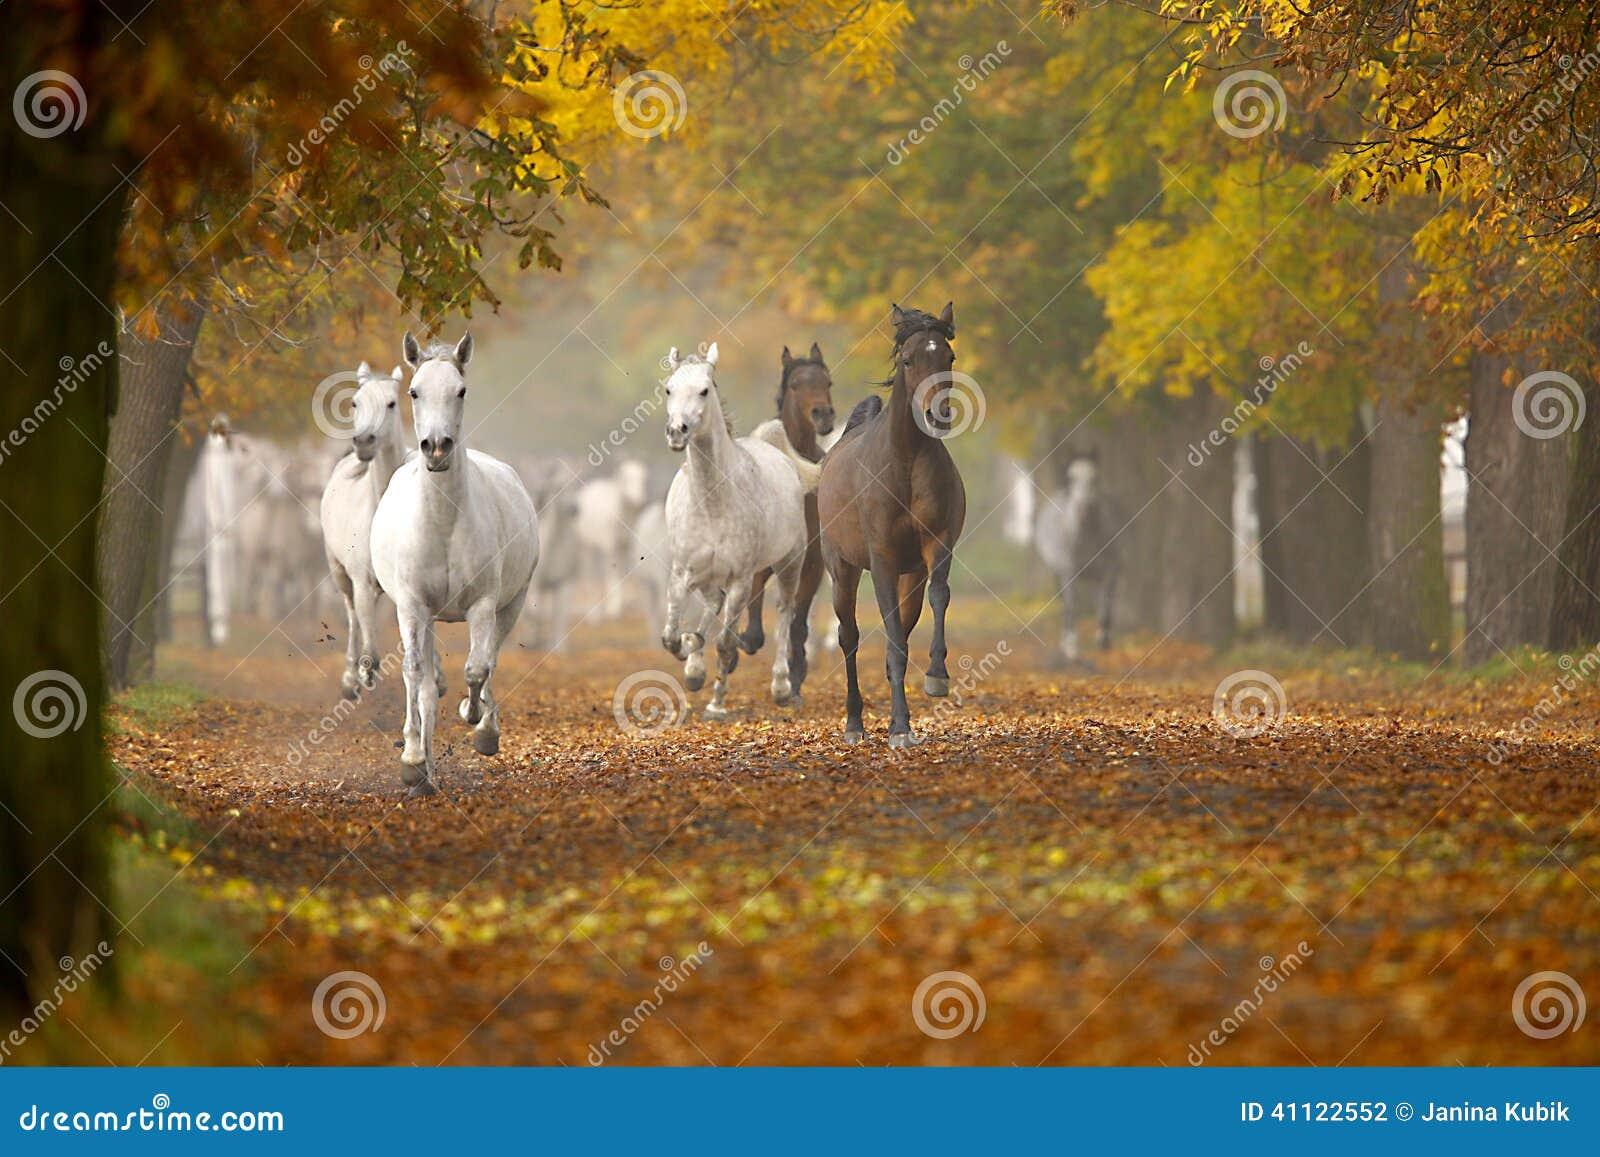 Pferde im Herbst